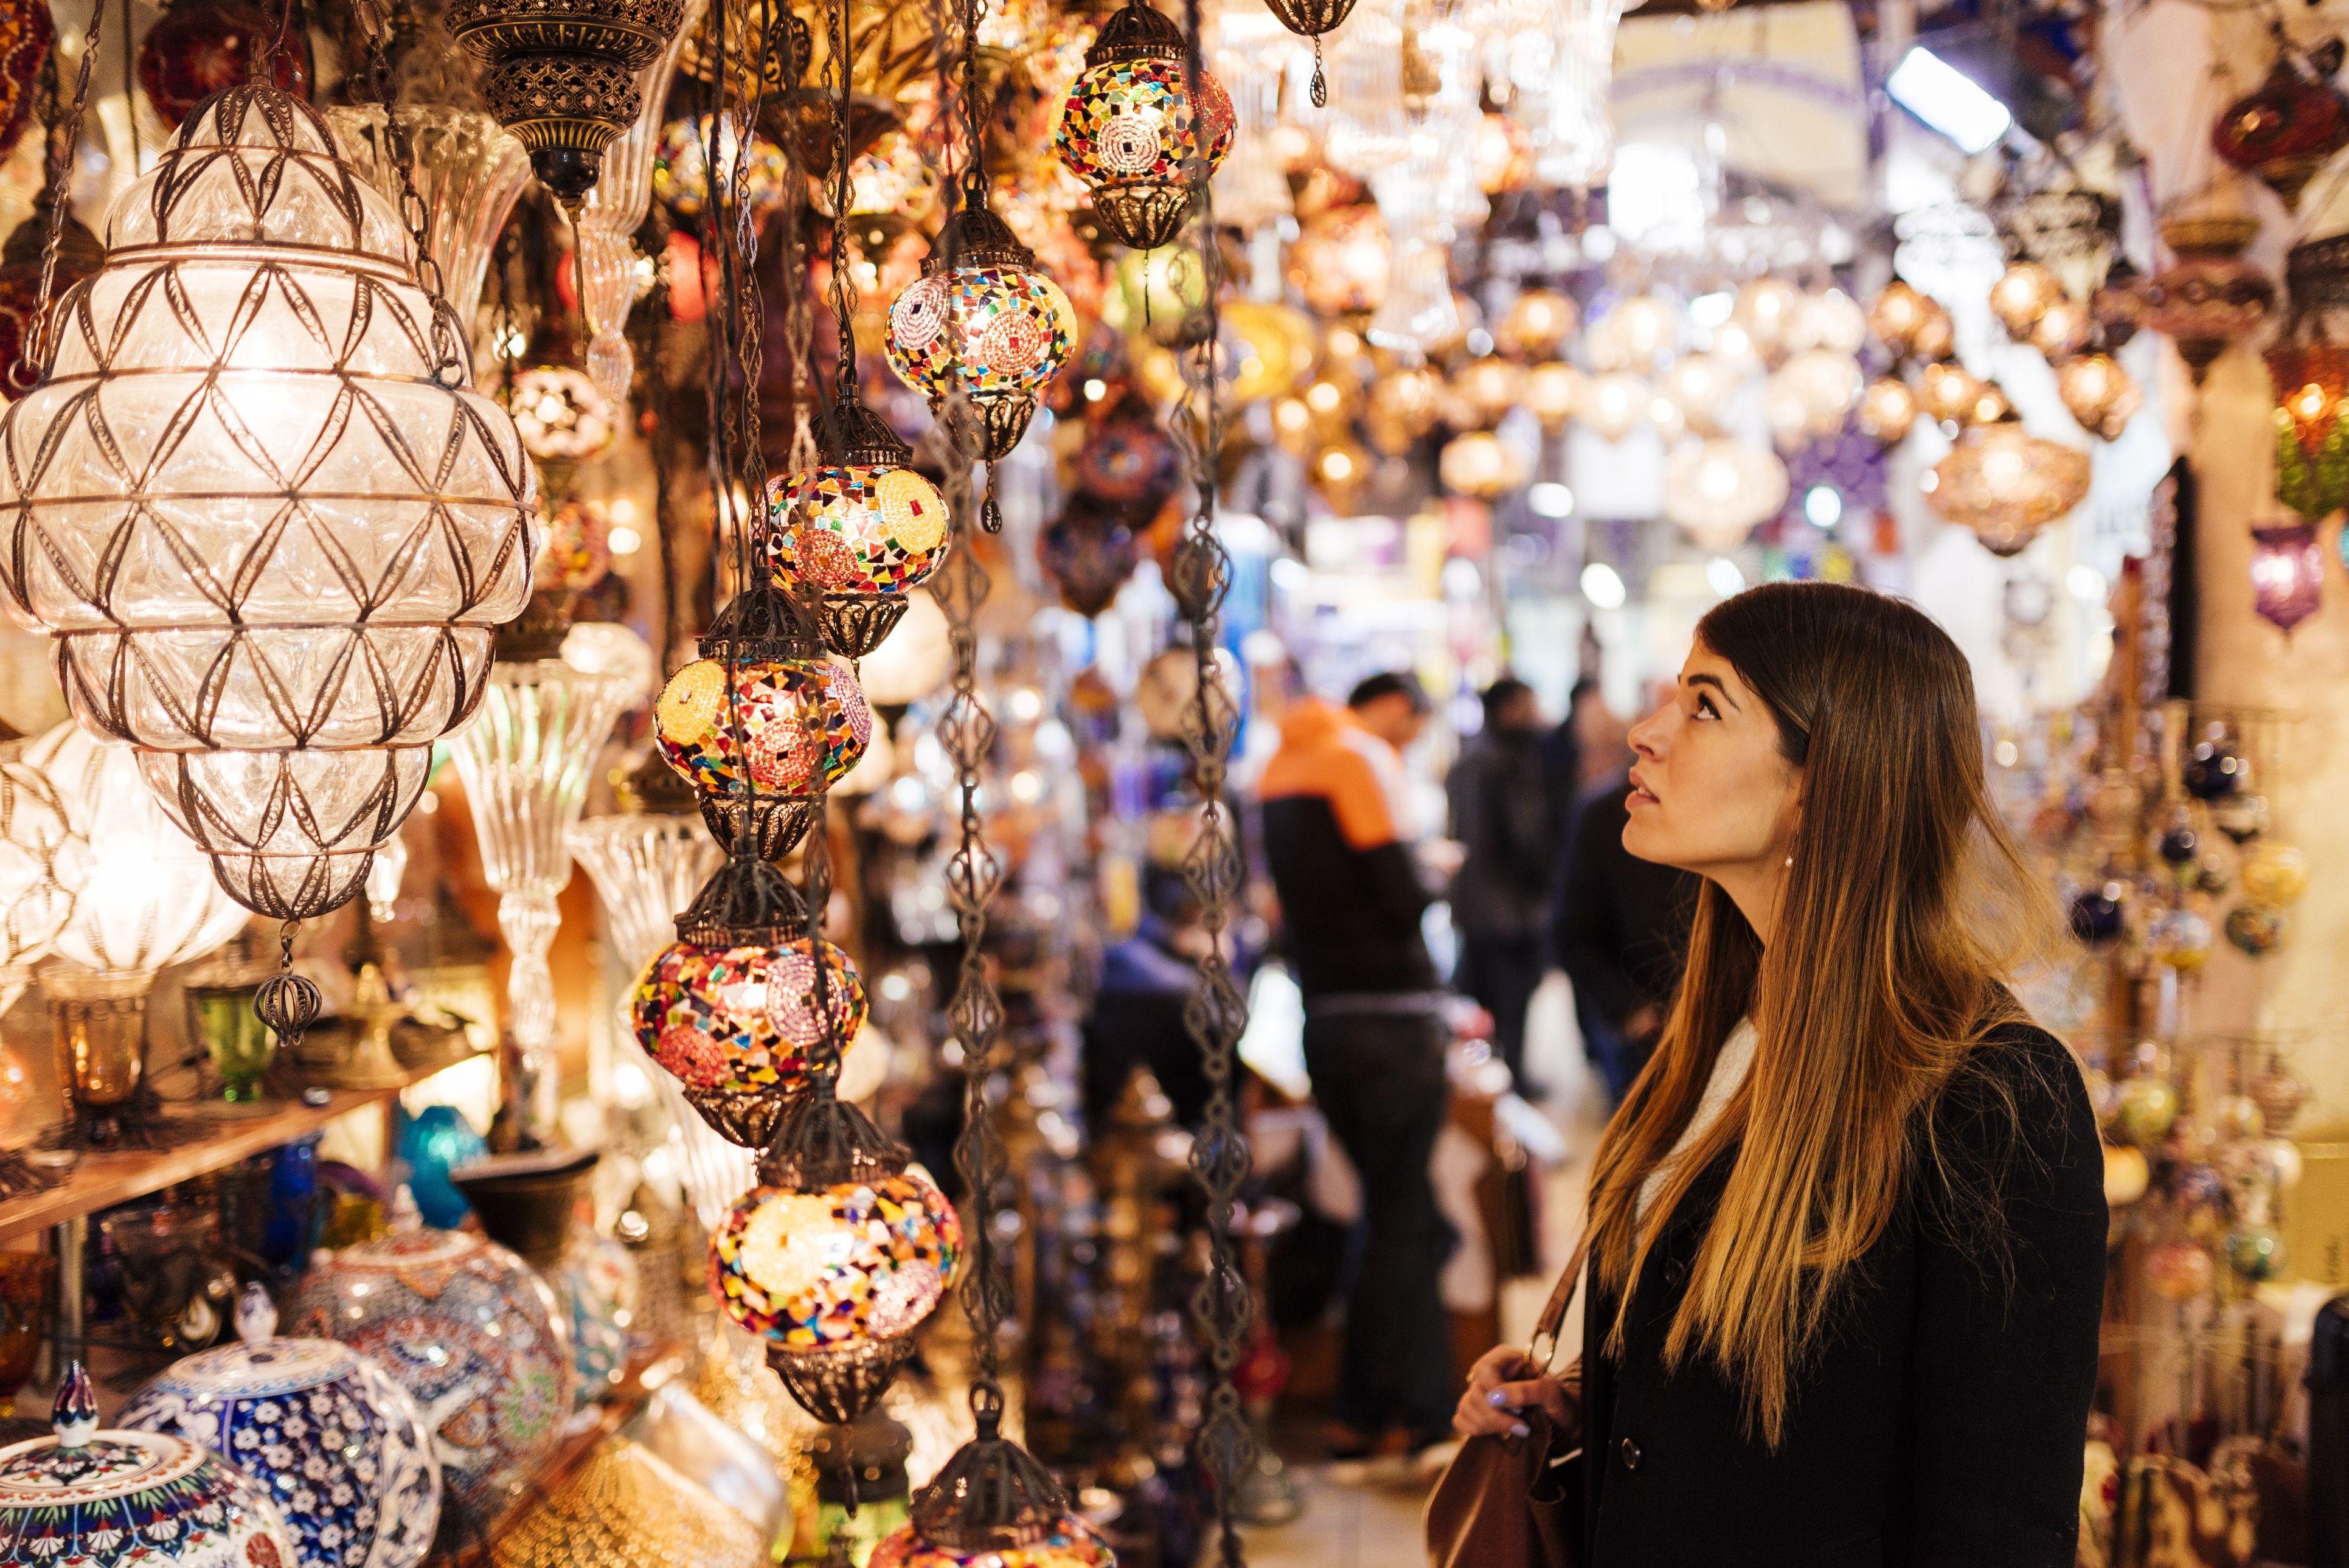 Mujer joven mirando las luces en el puesto del mercado